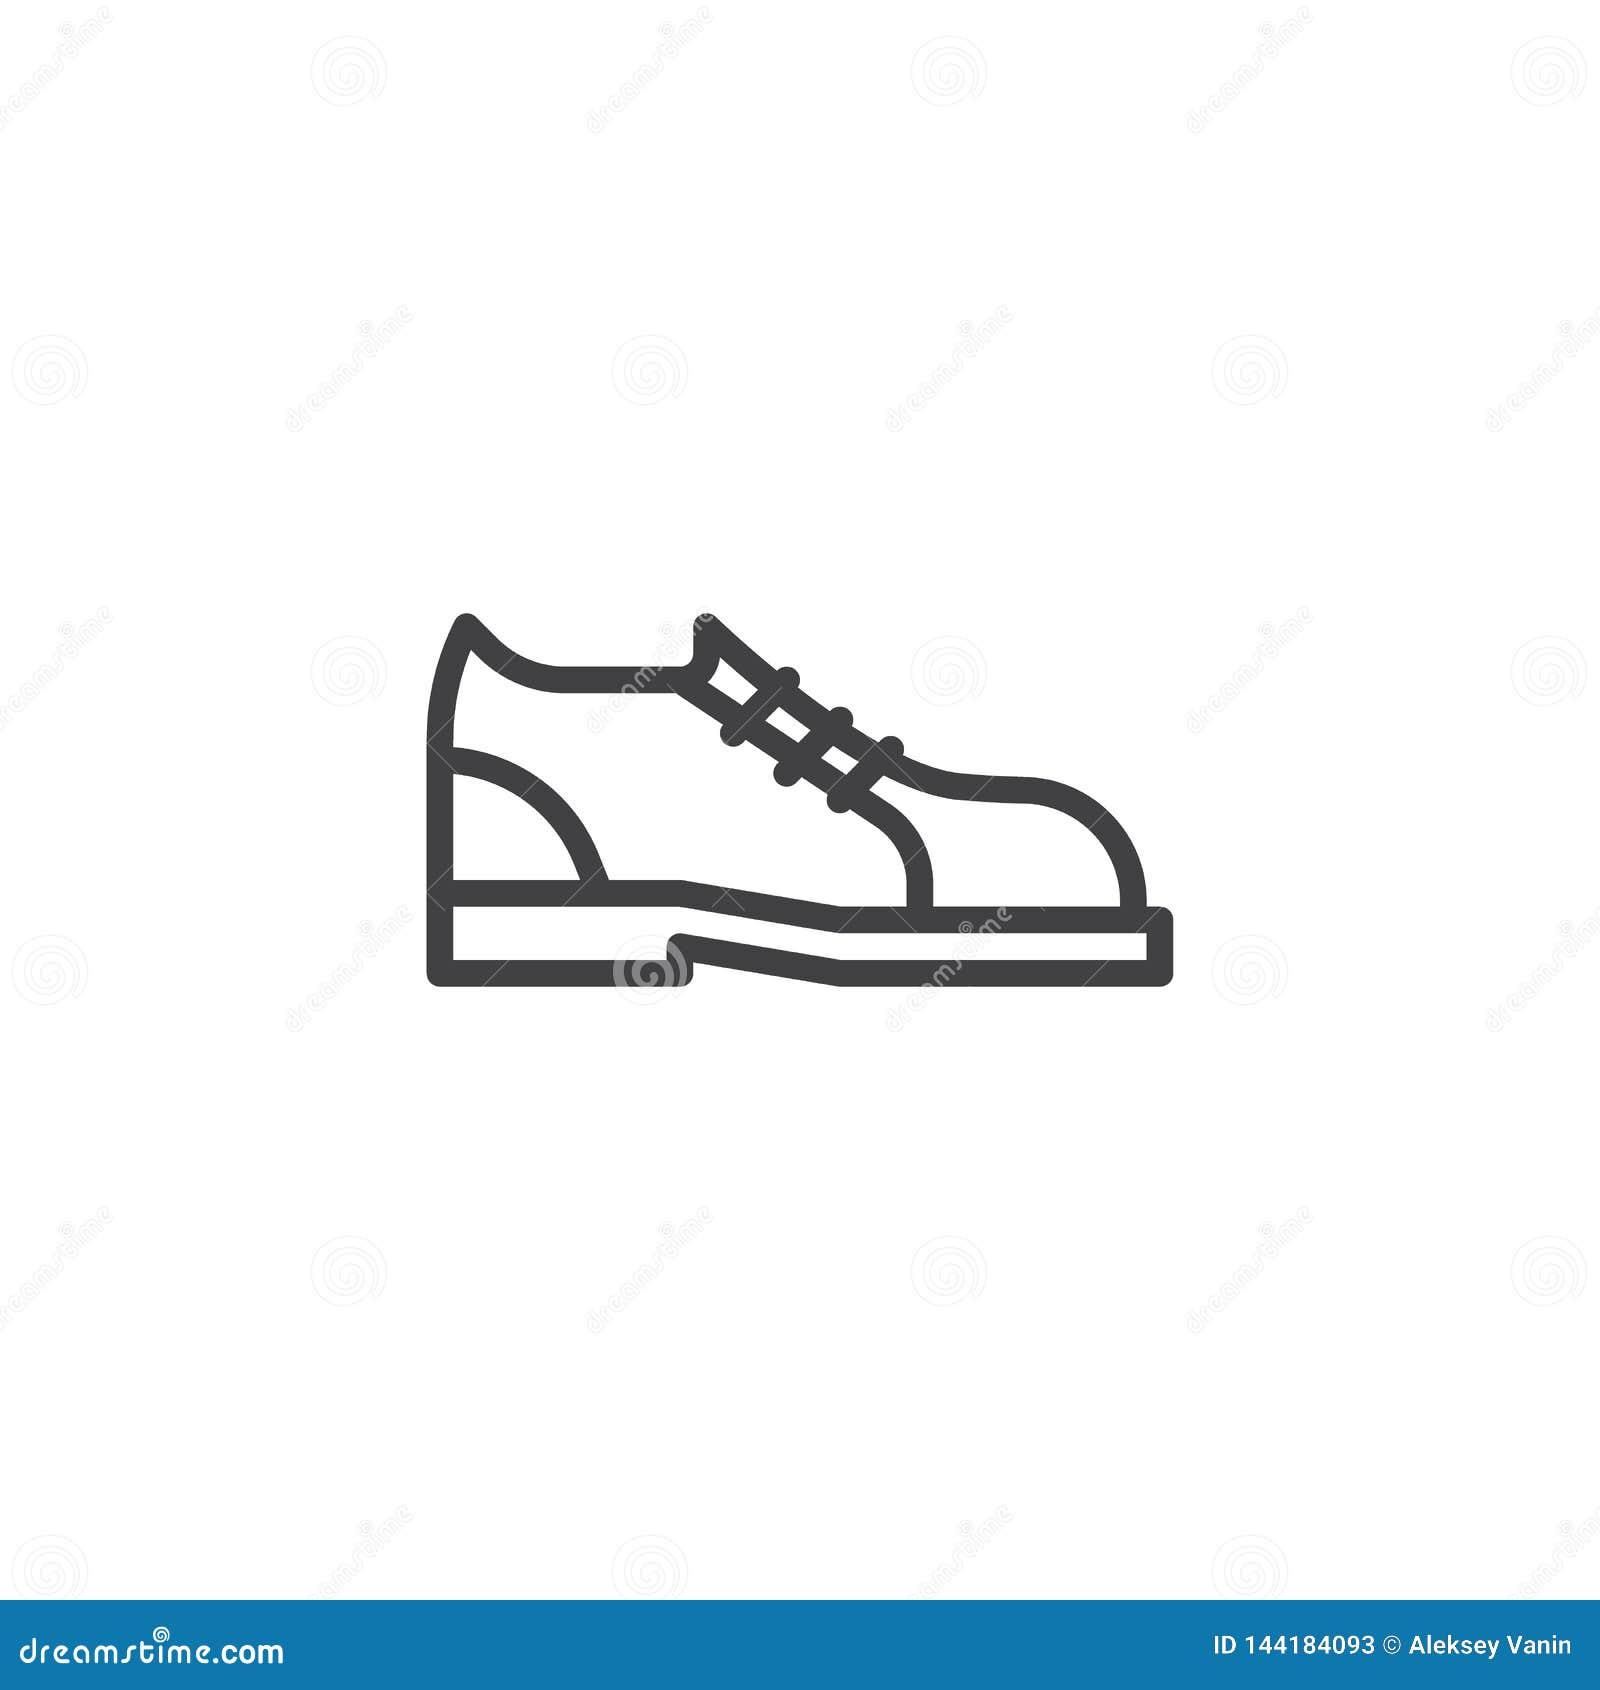 Laufschuhe zeichnen Ikone